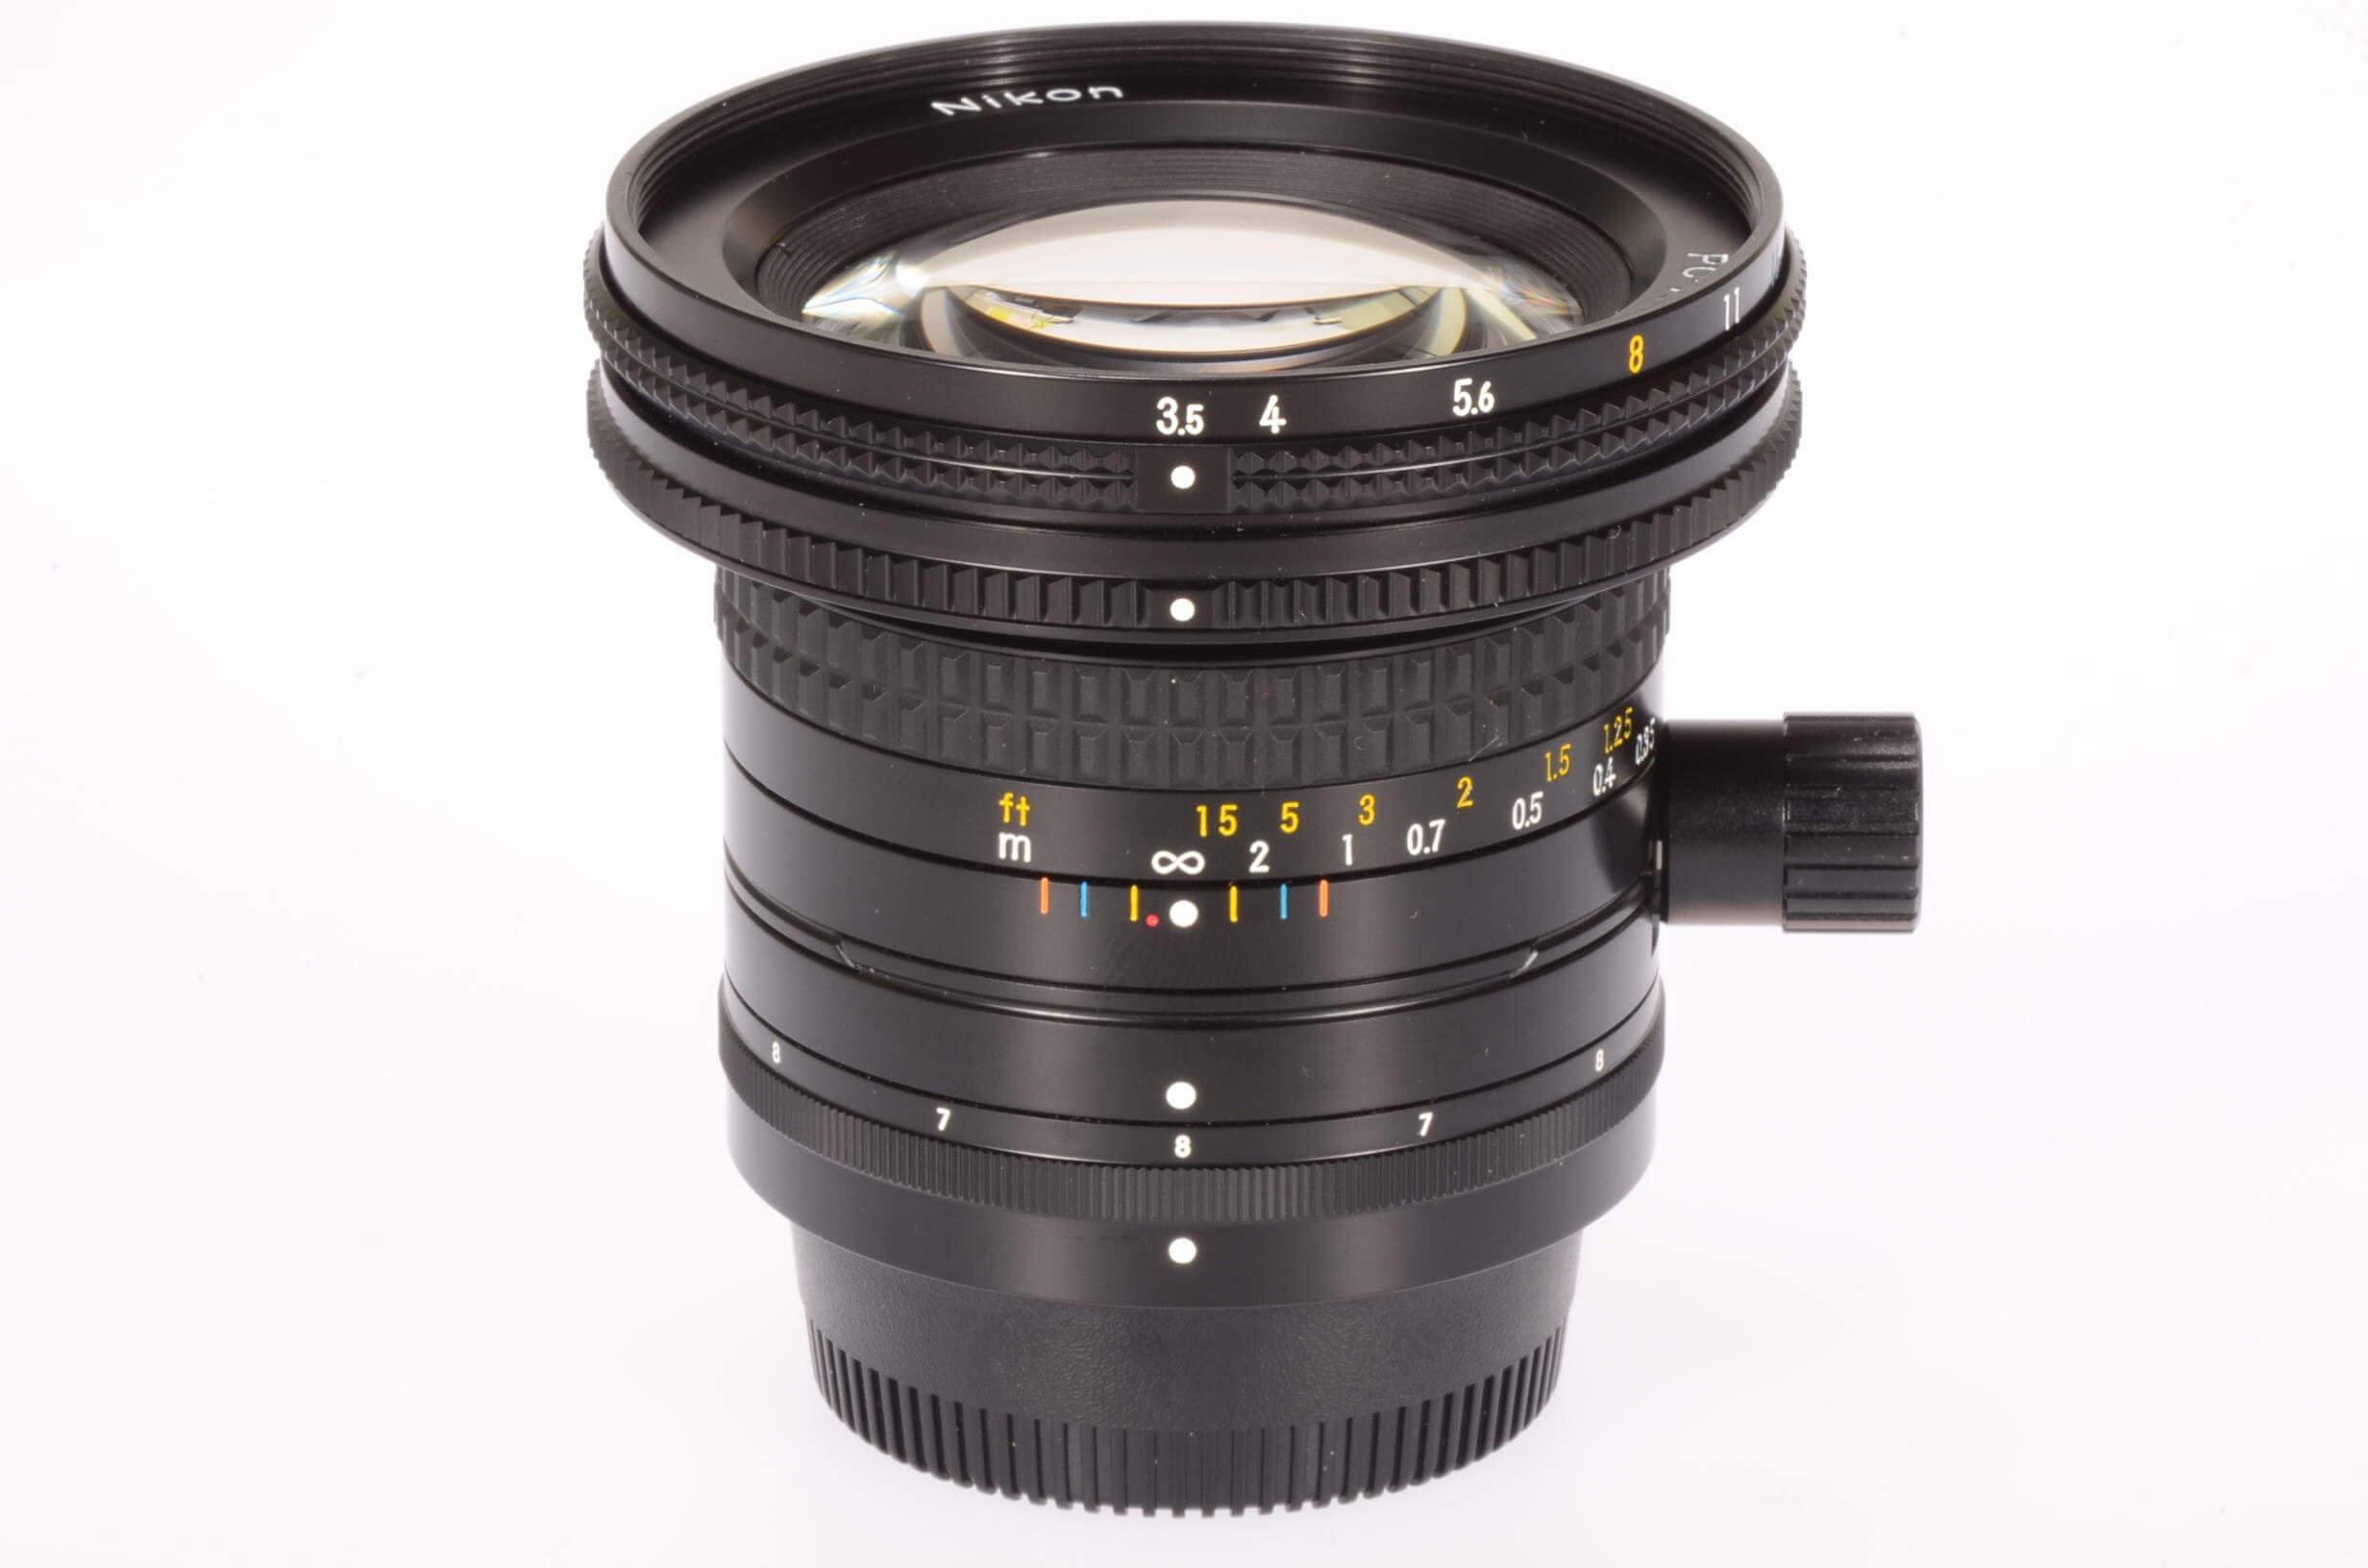 Nikon 28mm f3.5 PC Nikkor, gorgeous!